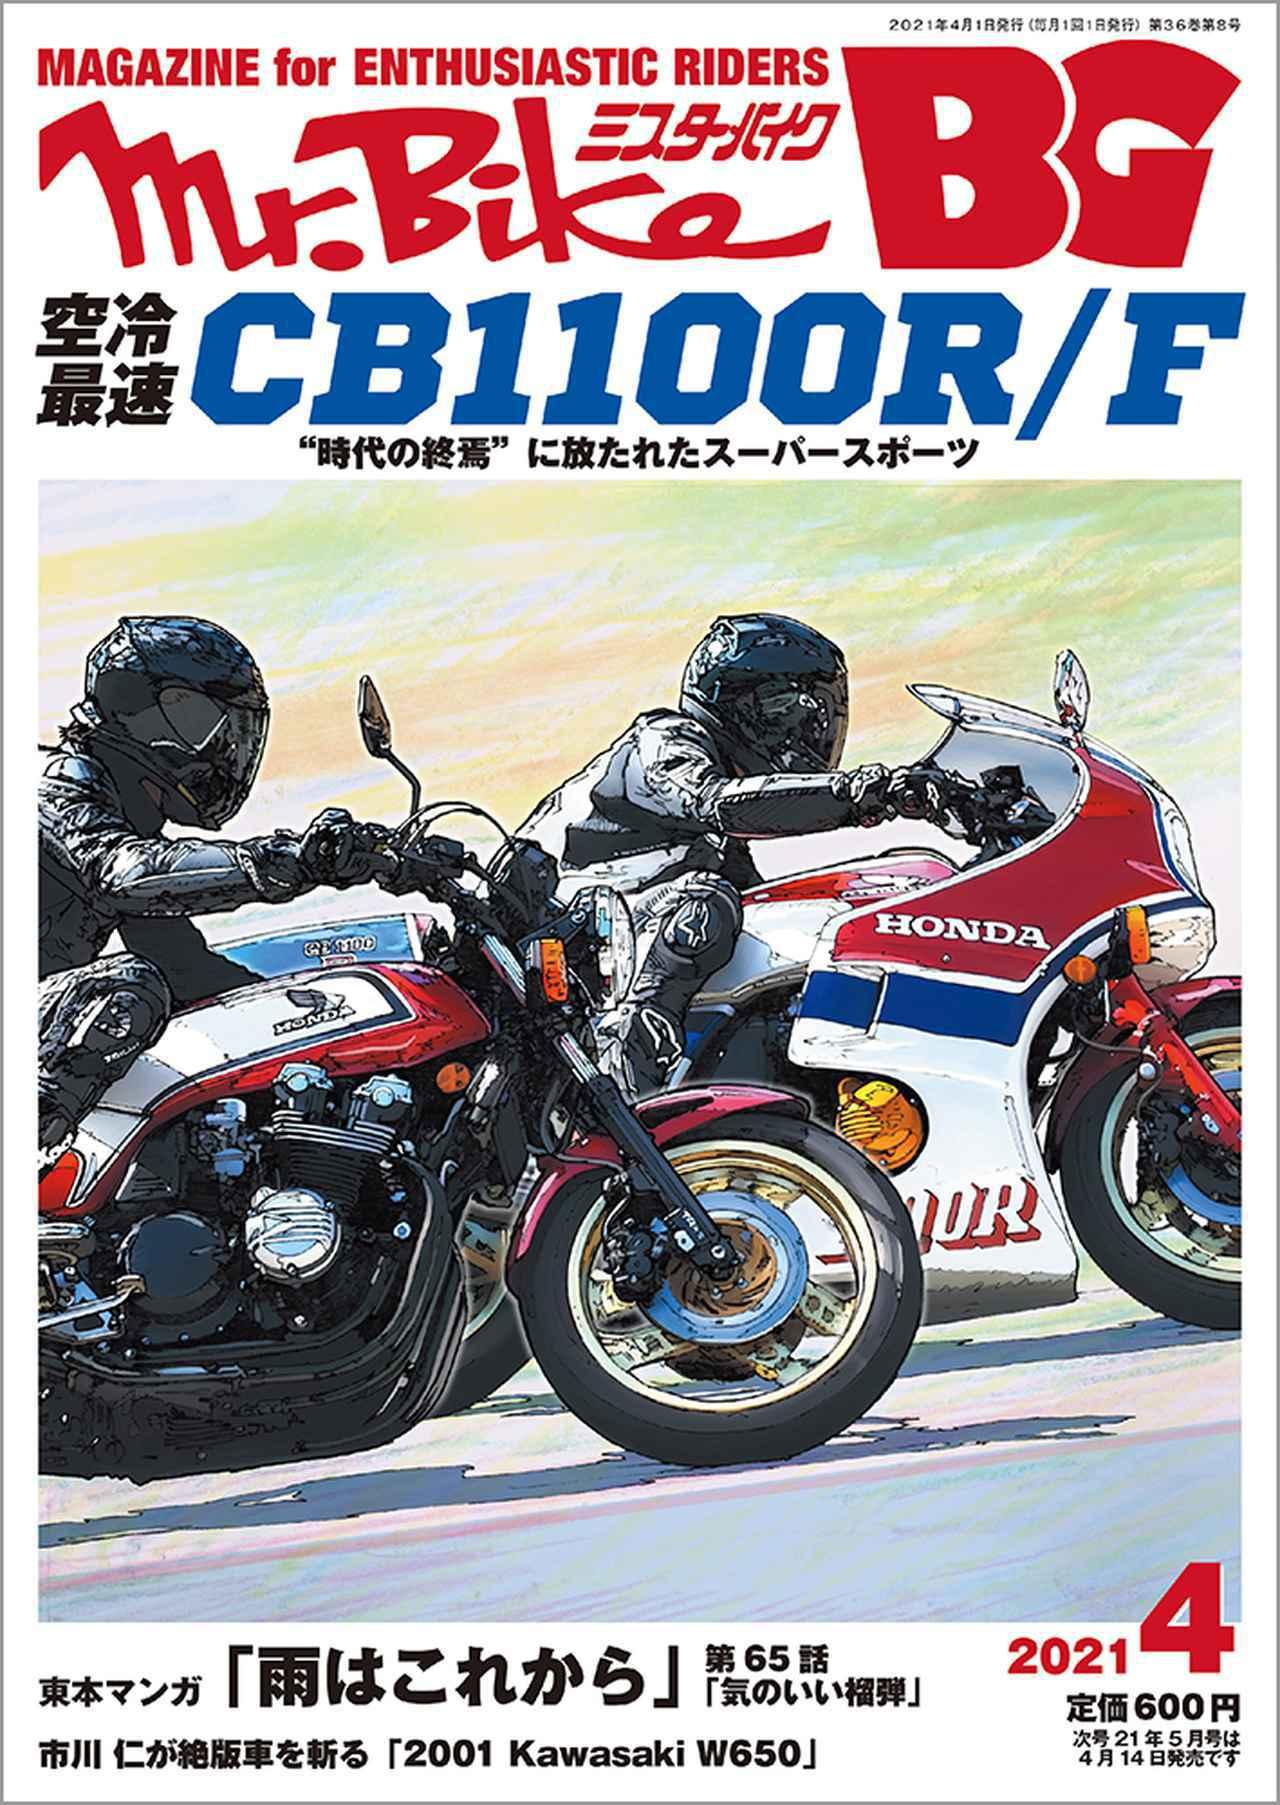 画像: 「Mr.Bike BG」2021年4月号は3月13日発売。 - 株式会社モーターマガジン社